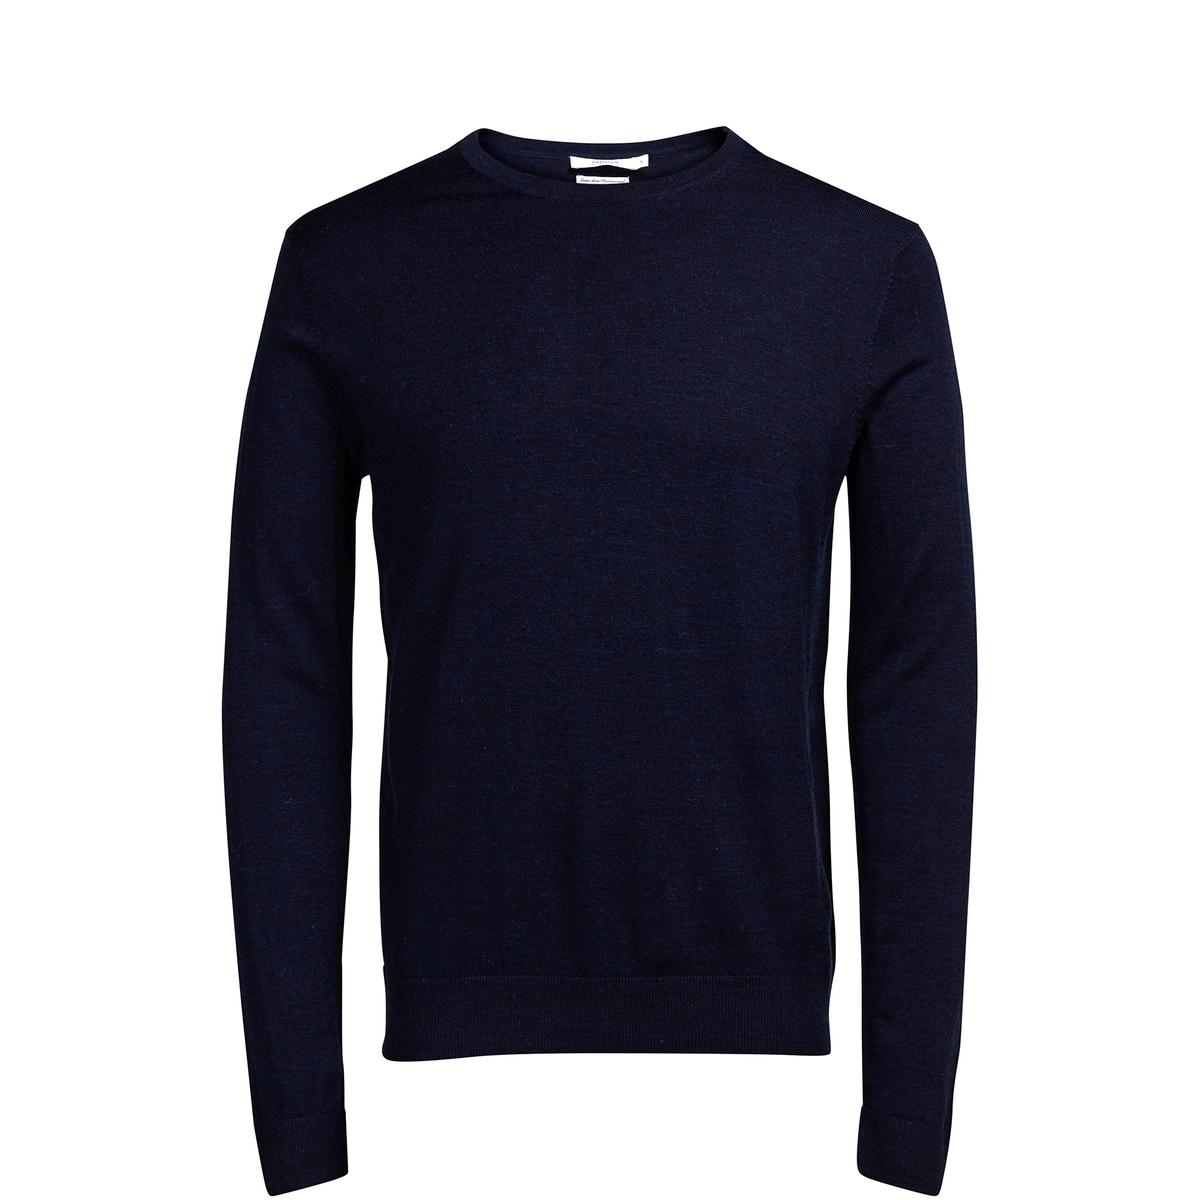 Пуловер из плотного трикотажа с круглым вырезомДетали •  Длинные рукава •  Круглый вырез •  Плотный трикотаж  •  Рисунок тай-энд-дай Состав и уход •  100% шерсть мериноса •  Следуйте советам по уходу, указанным на этикетке<br><br>Цвет: синий морской<br>Размер: XL